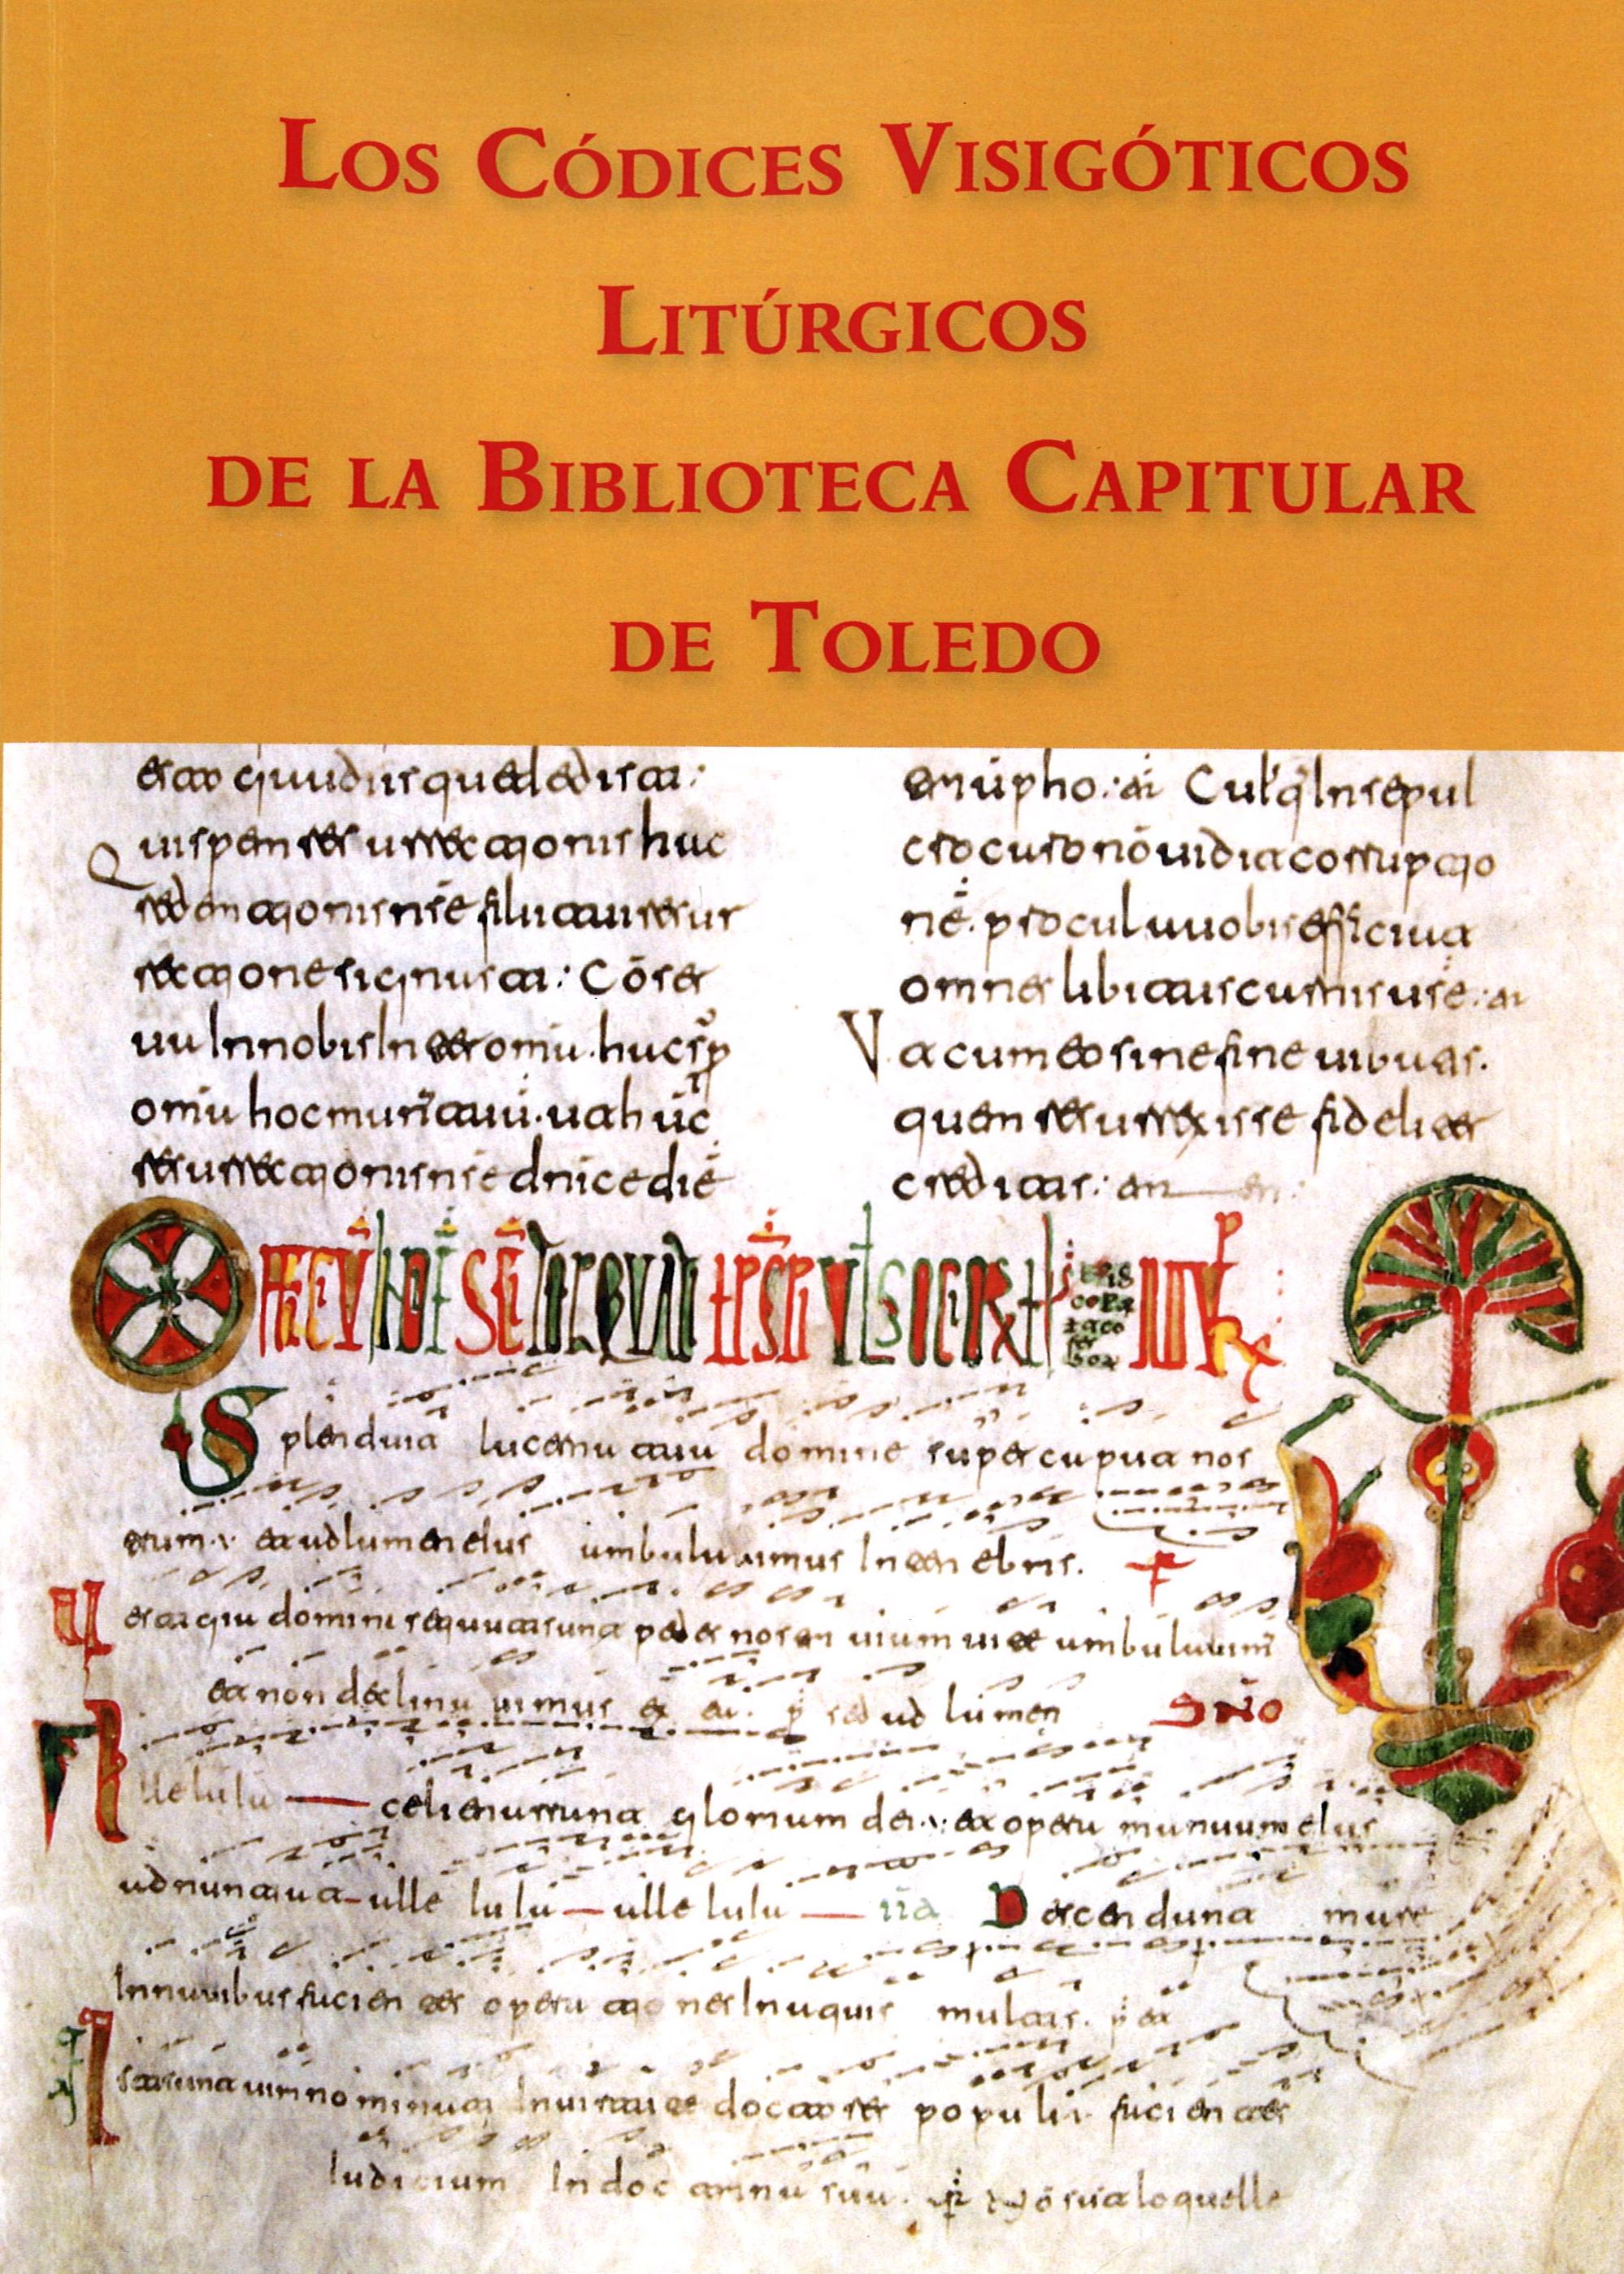 Los códices visigóticos litúrgicos de la Biblioteca Capitular de Toledo